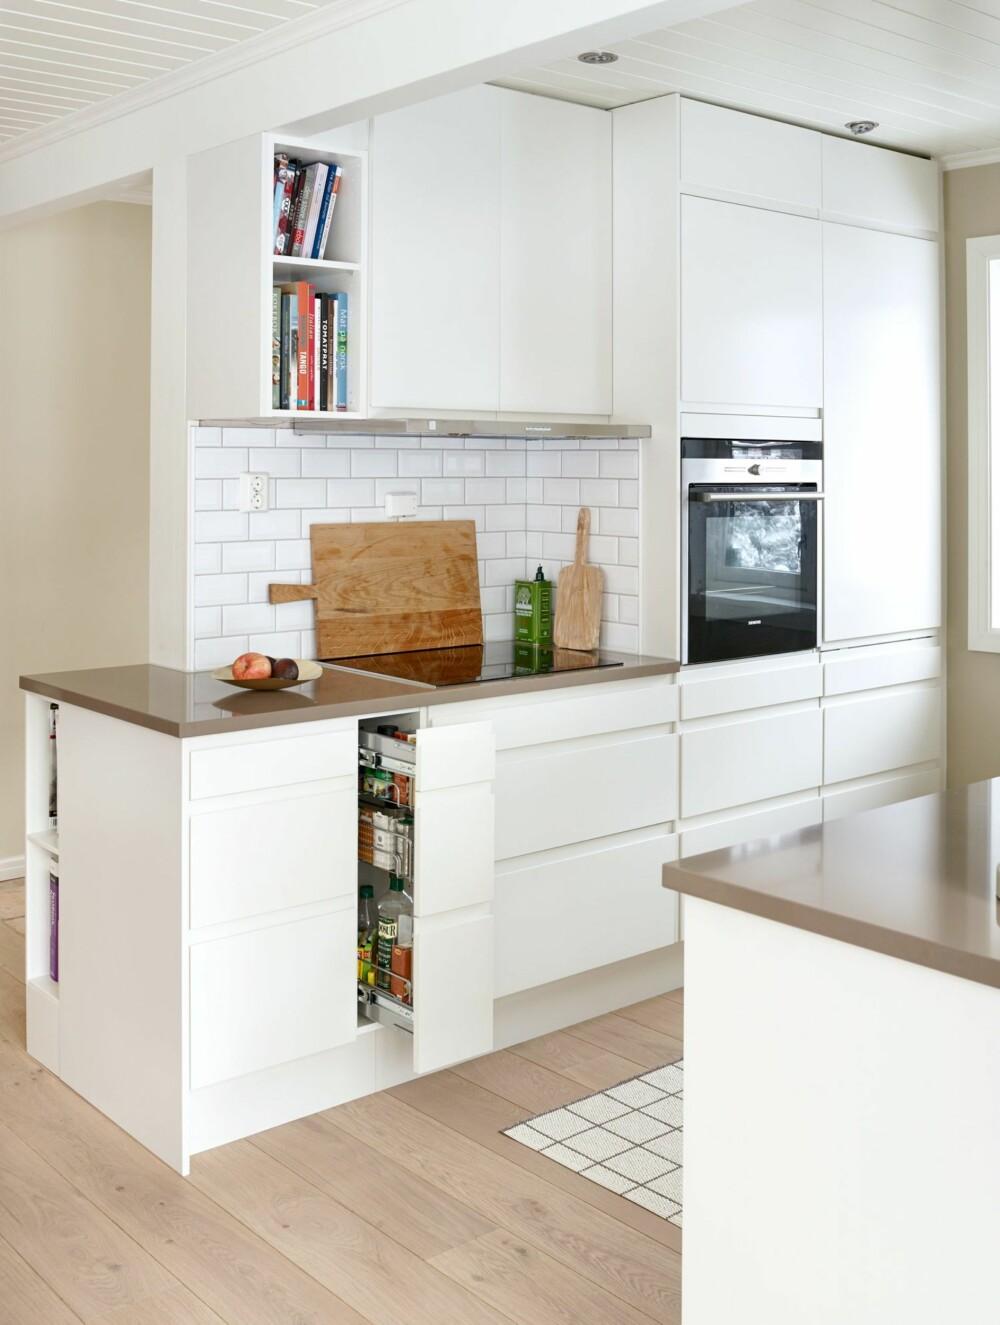 MYE BEDRE: På mindre kjøkken bør hver centimeter være godt utnyttet. Store overskap kan virke ruvende, mens en kolonialskuff, som denne smale varianten, er svært plasseffektiv.